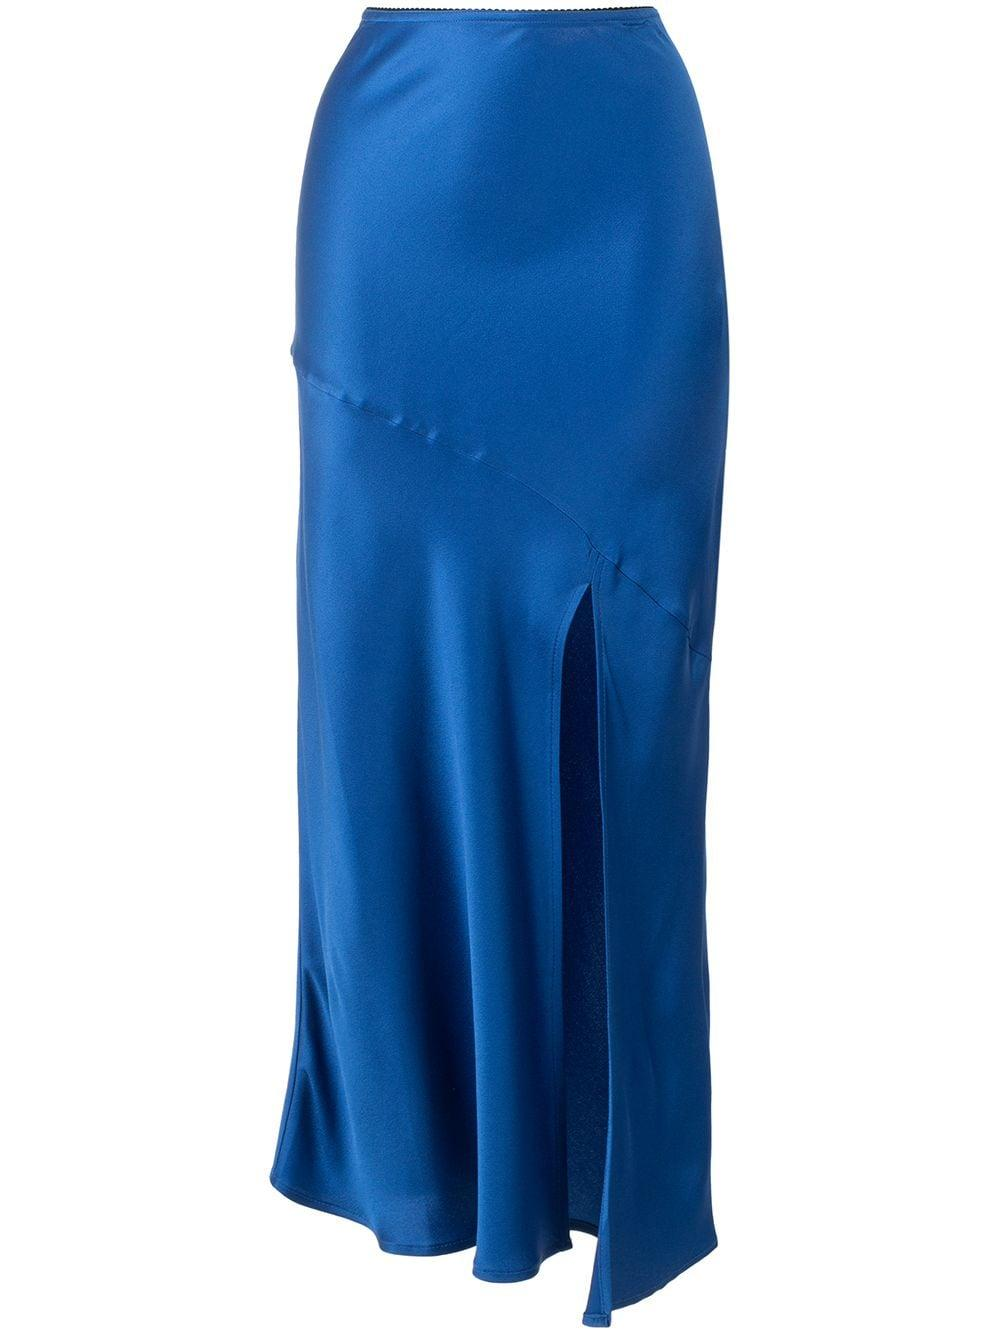 Eve Midi Skirt